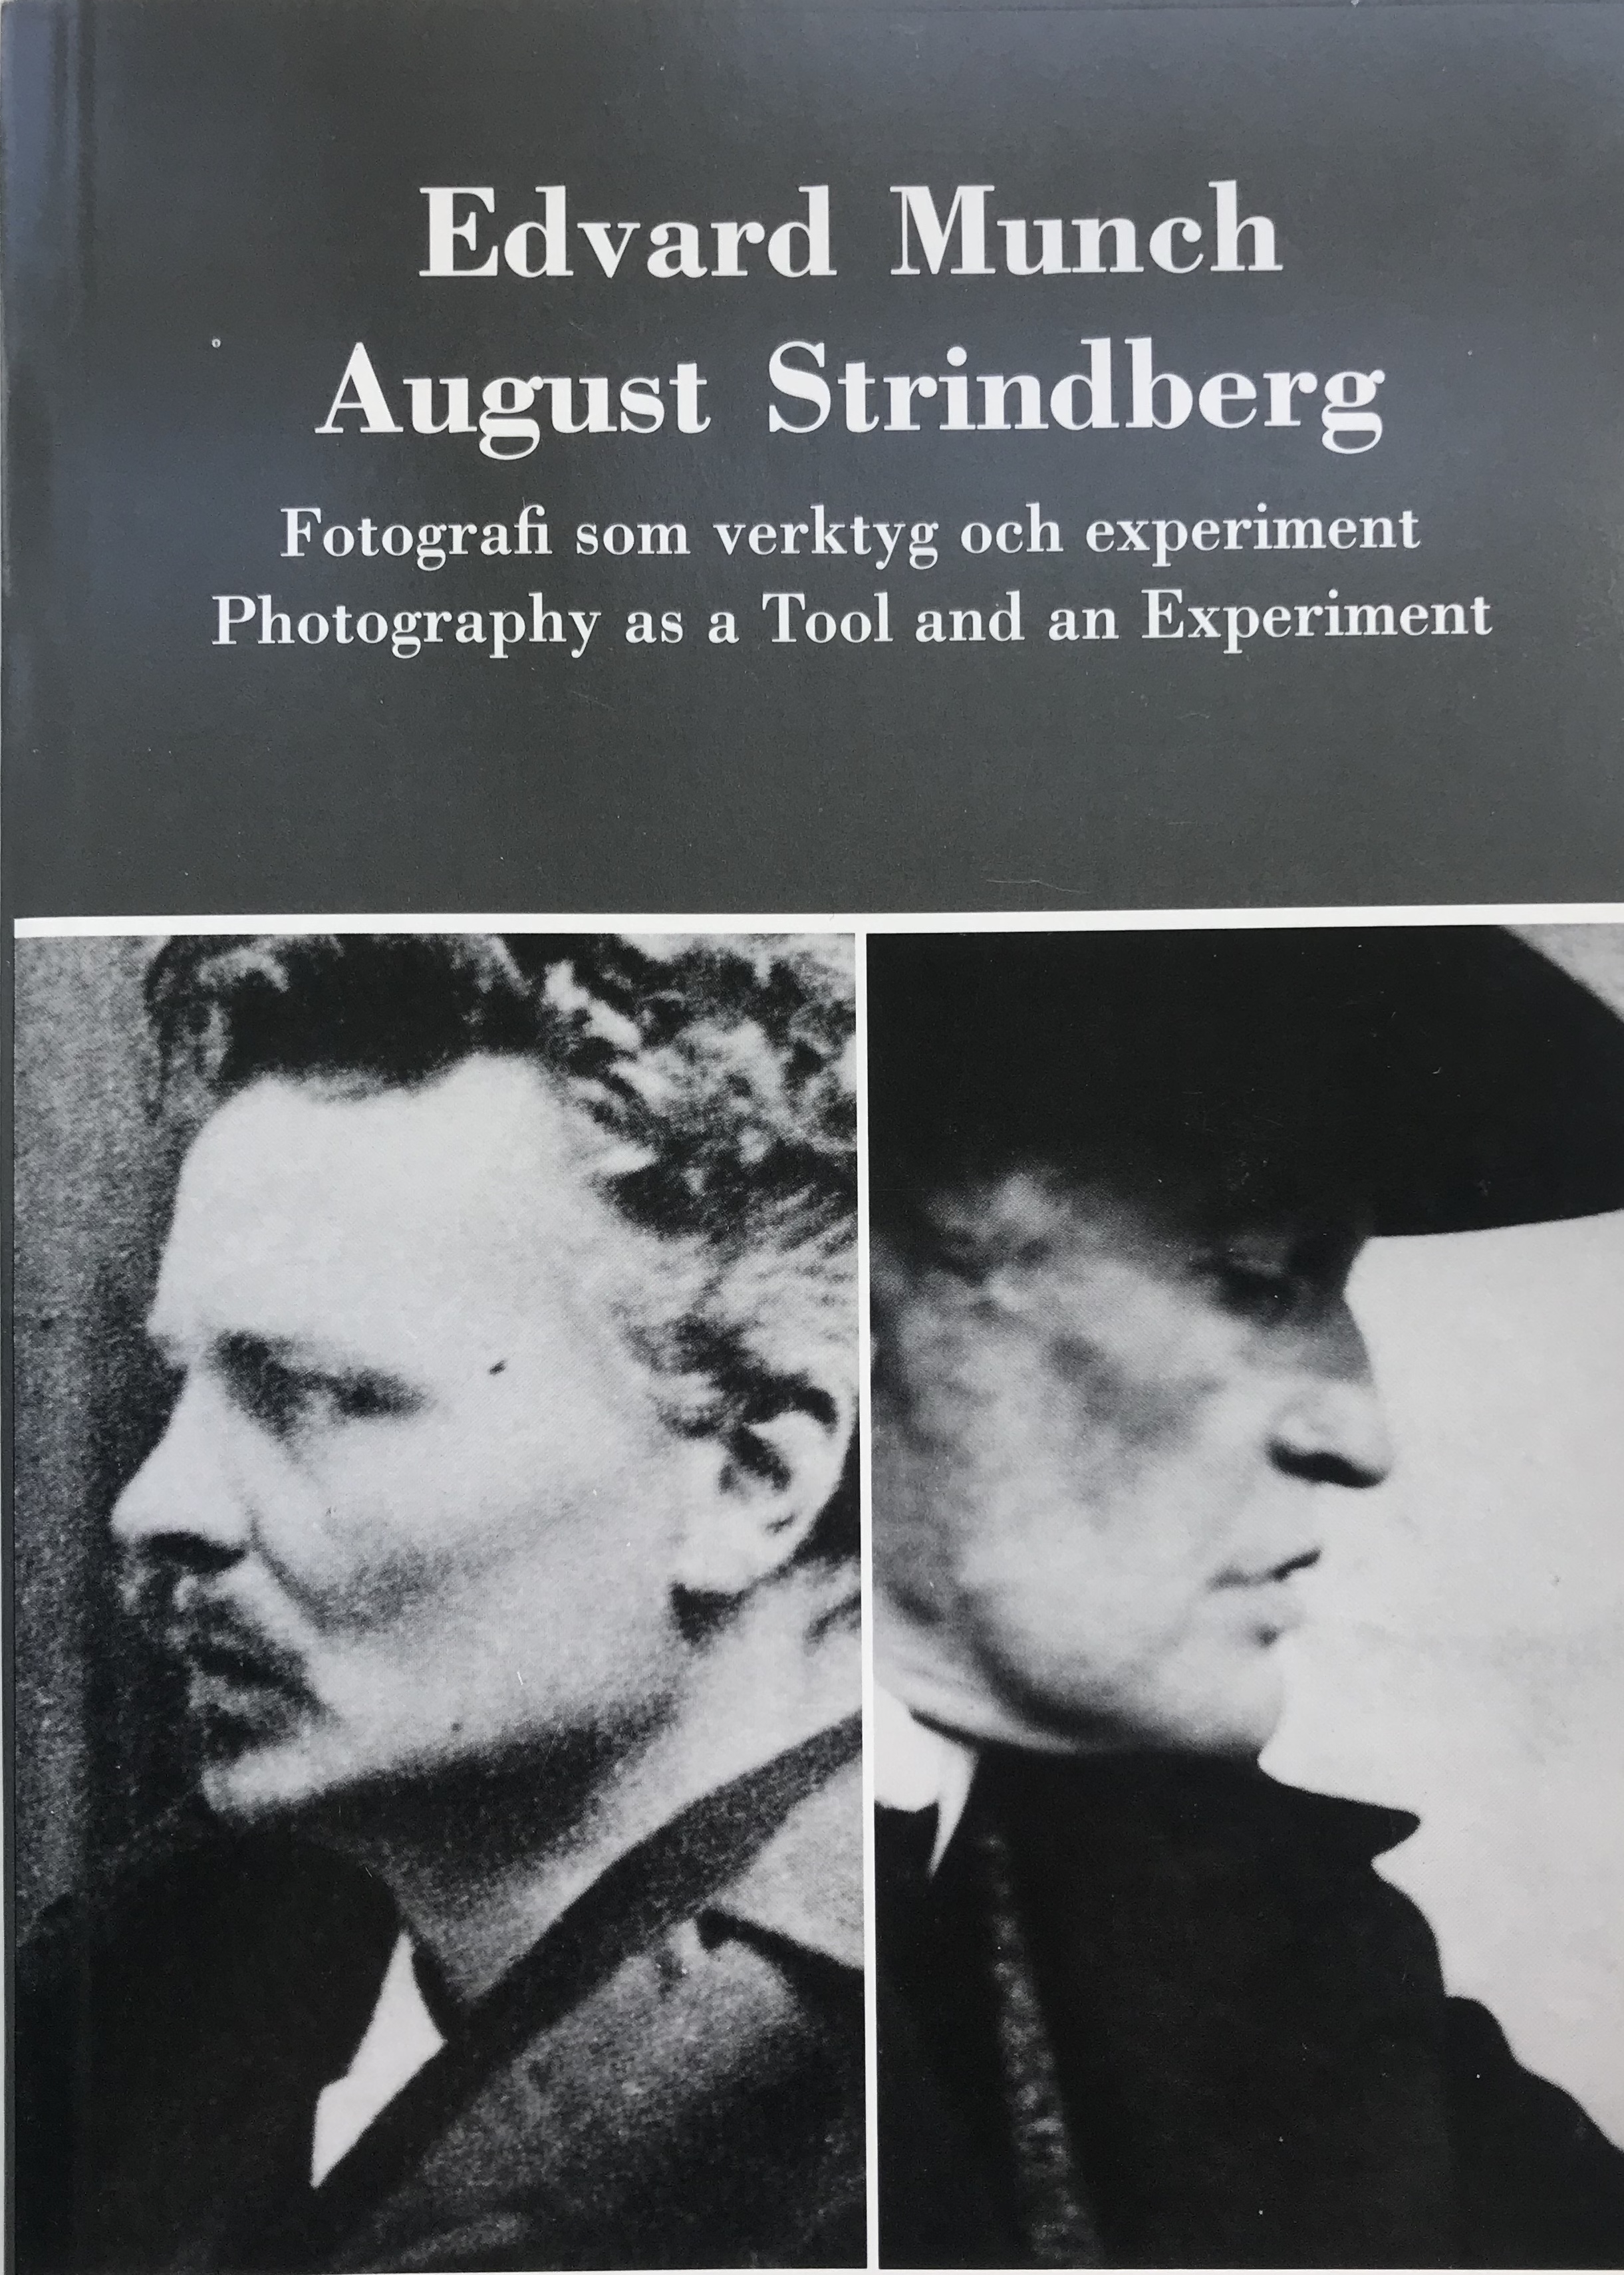 Rolf Söderberg: Edvard Munch, August Strindberg